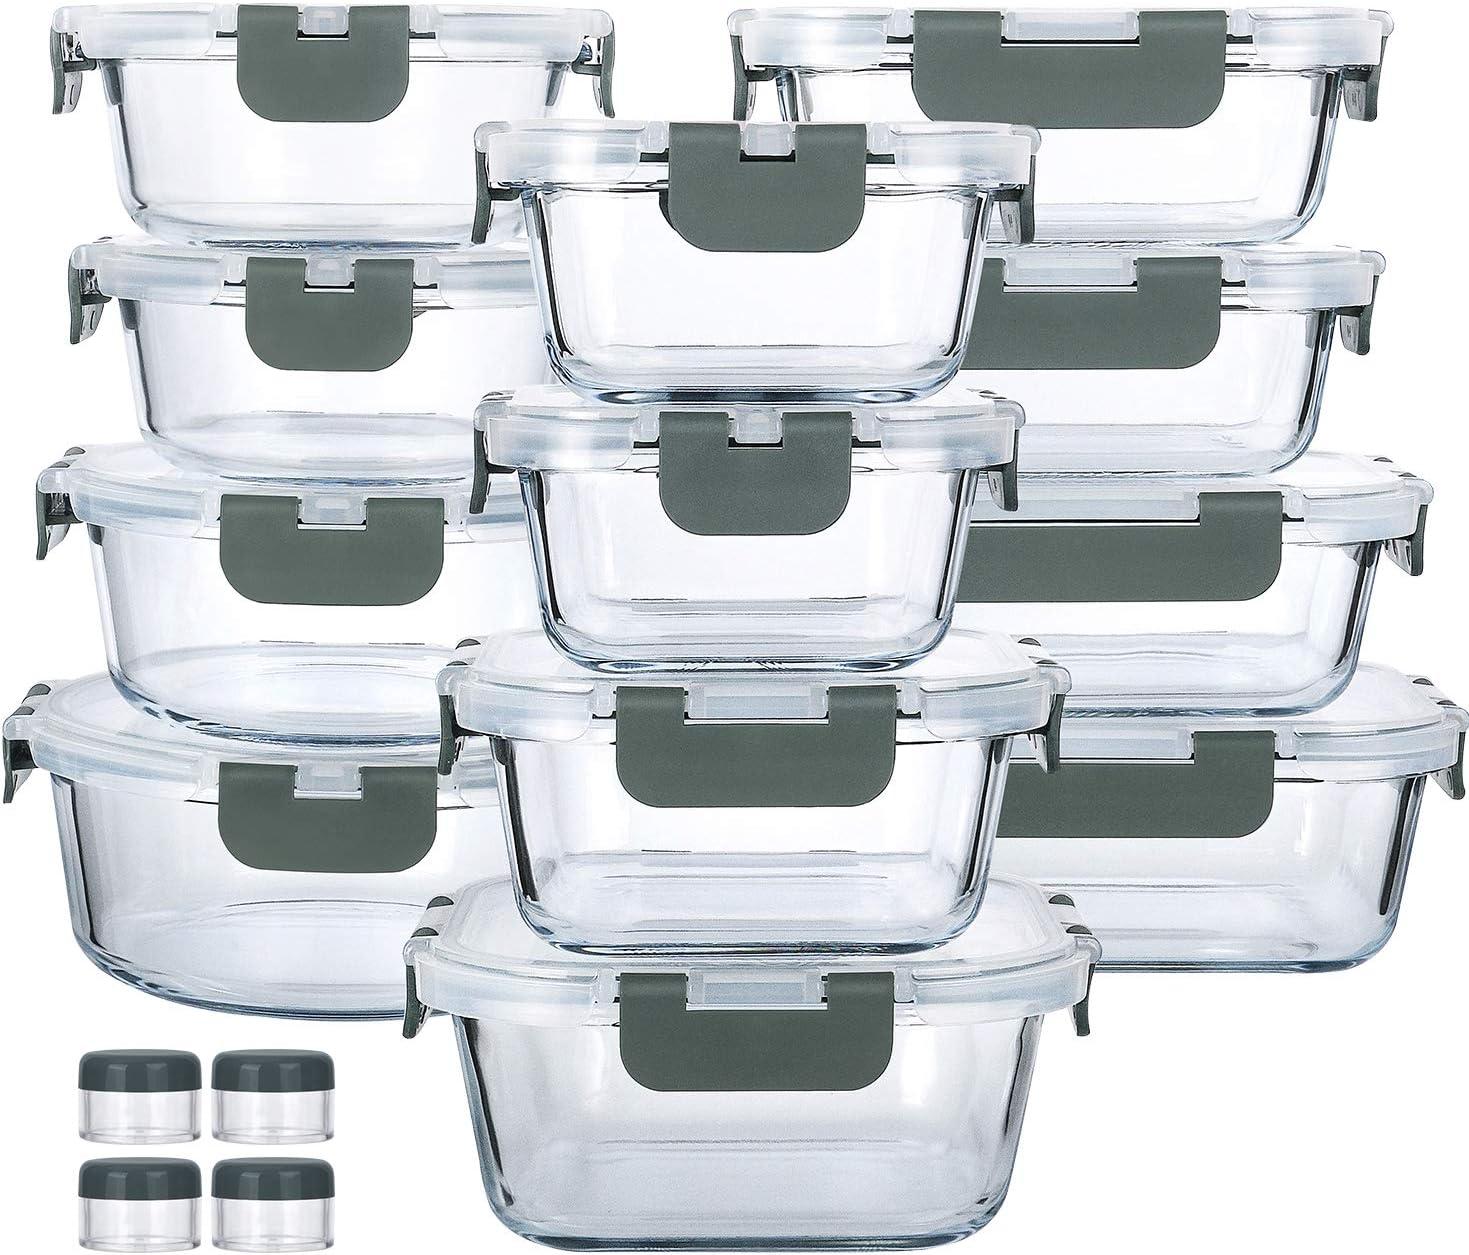 ガラス製食事準備容器24点セット ガラス製食品保存容器 生涯持続するスナップロック蓋付き 密閉ランチ容器 電子レンジ、オーブン、冷凍庫、食器洗い機使用可